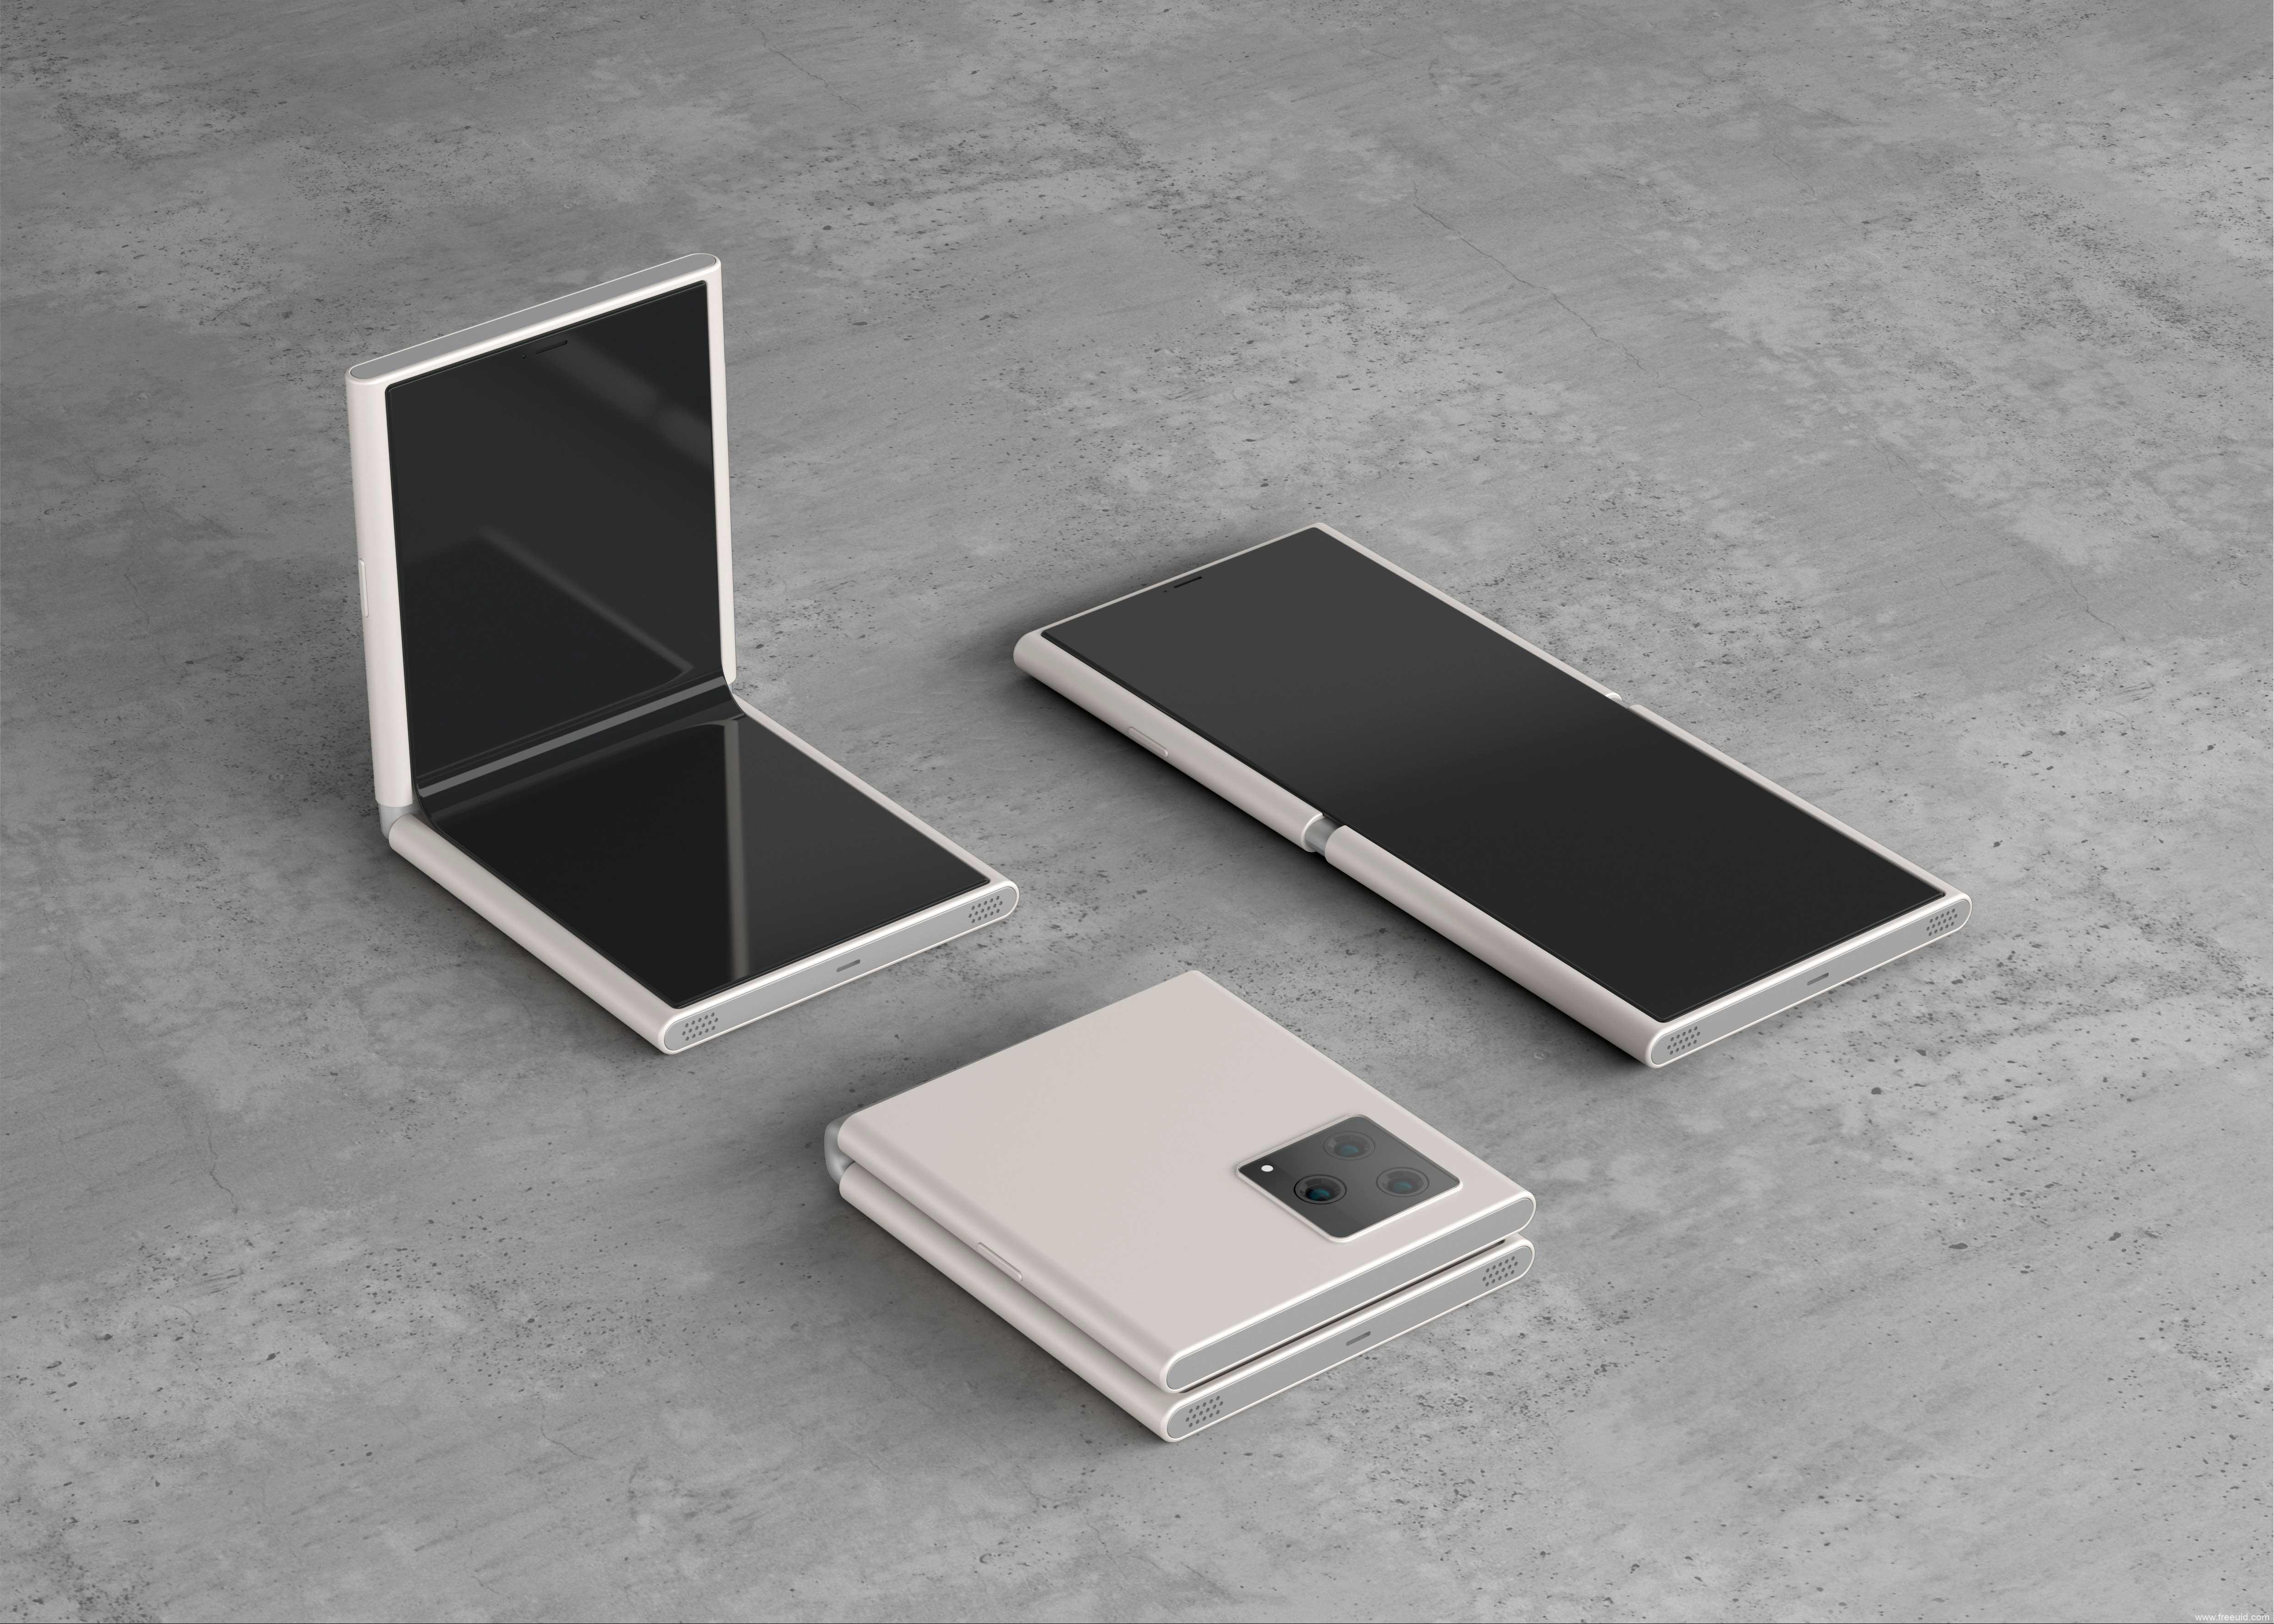 免费折叠屏手机mockup样机模板psd源文件下载